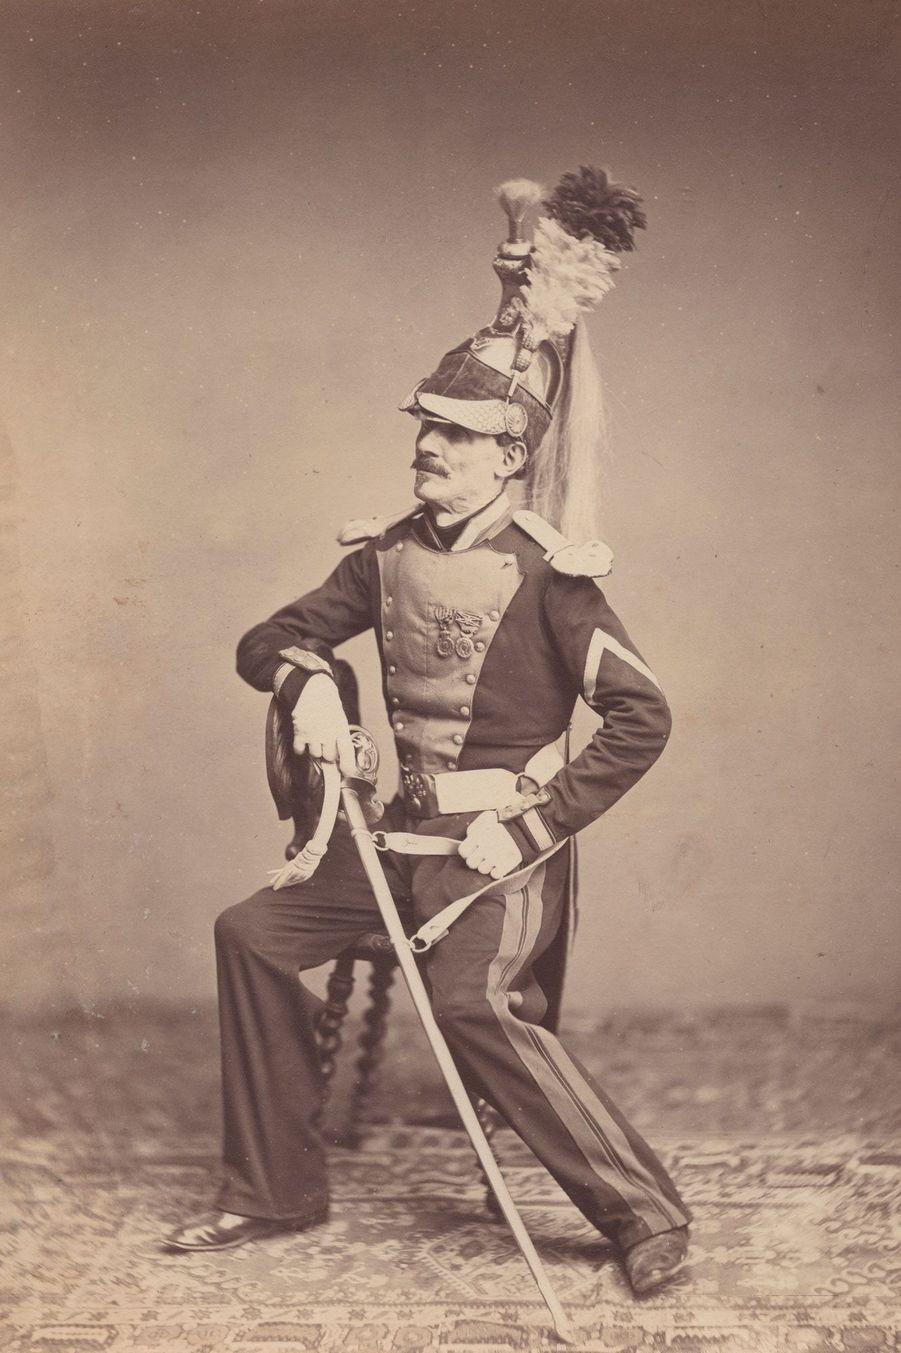 Le dragon. Monsieur Mauban était un brigadier du 8e régiment de dragons. Il porte un uniforme en toile verte et un casque orné d'une crinière et...